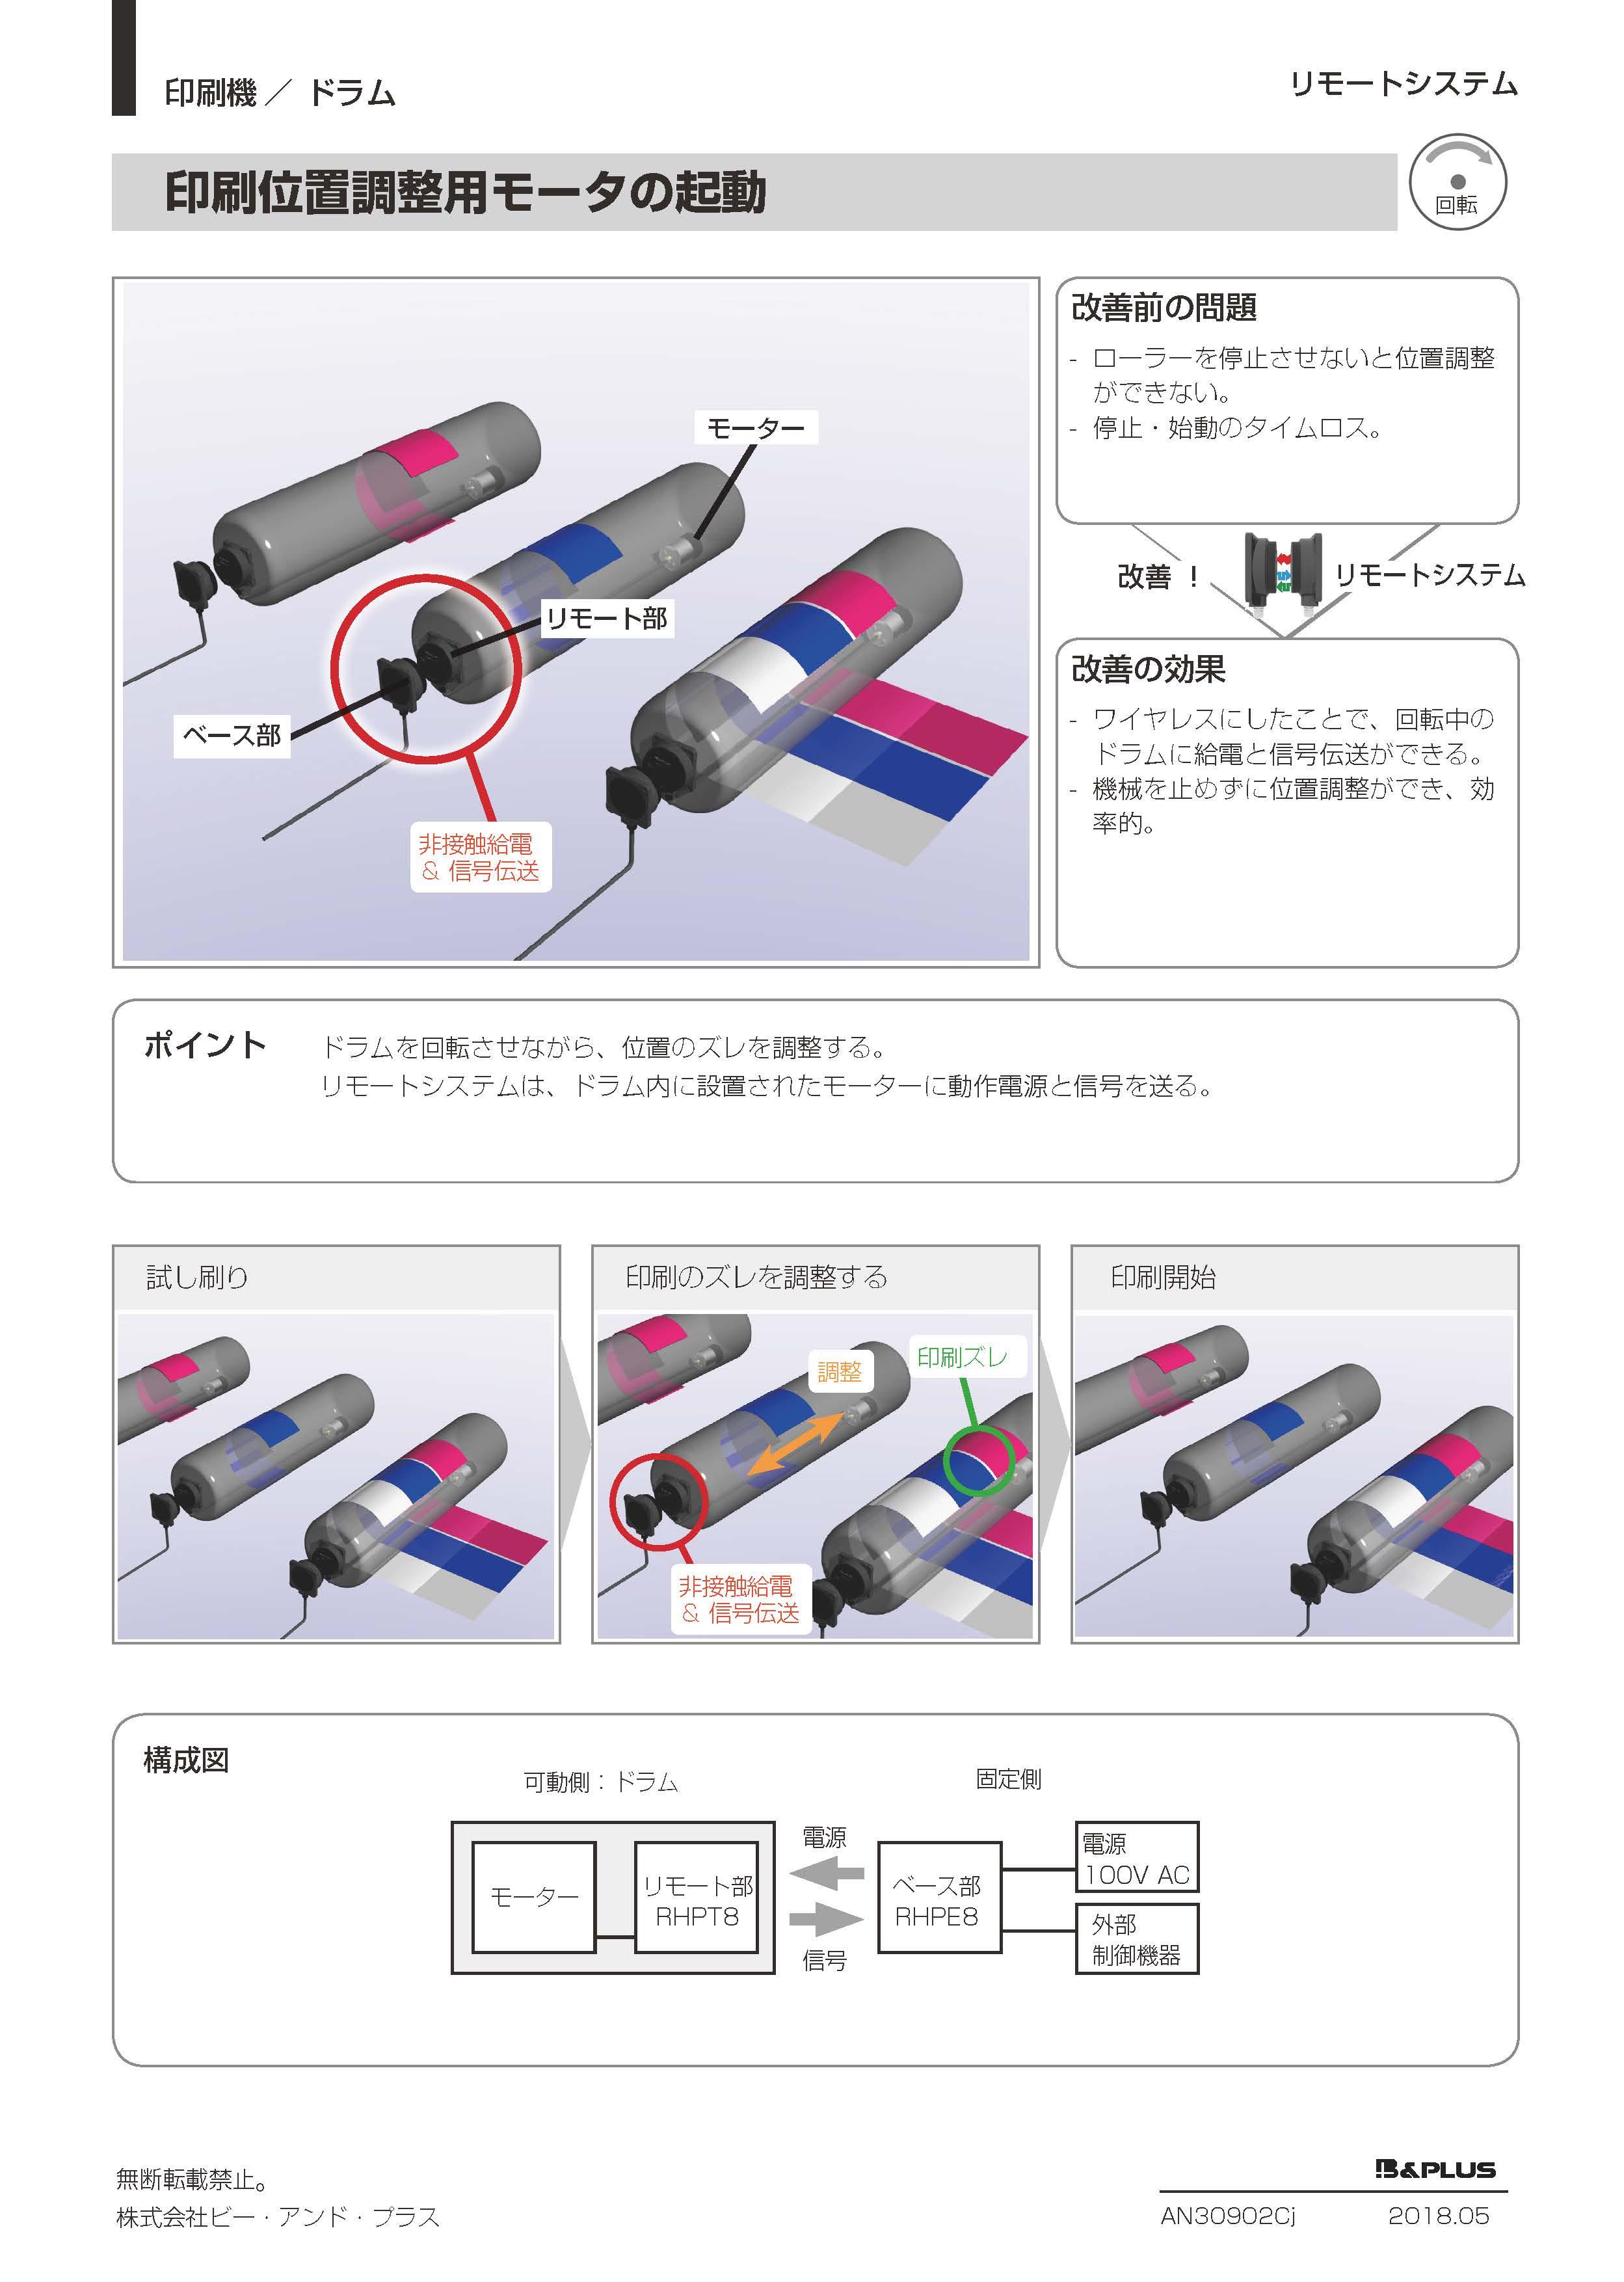 回転 /印刷位置調整用モータの起動